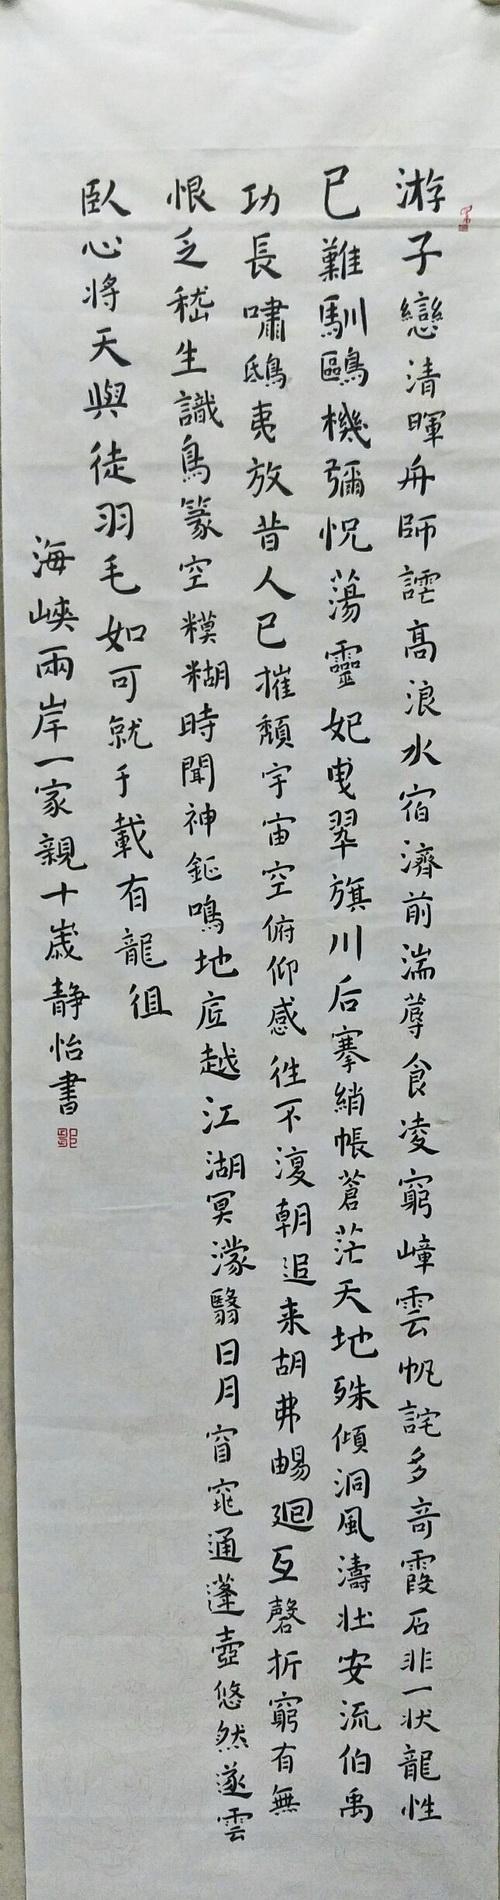 邹静怡-少儿组-广东.jpg